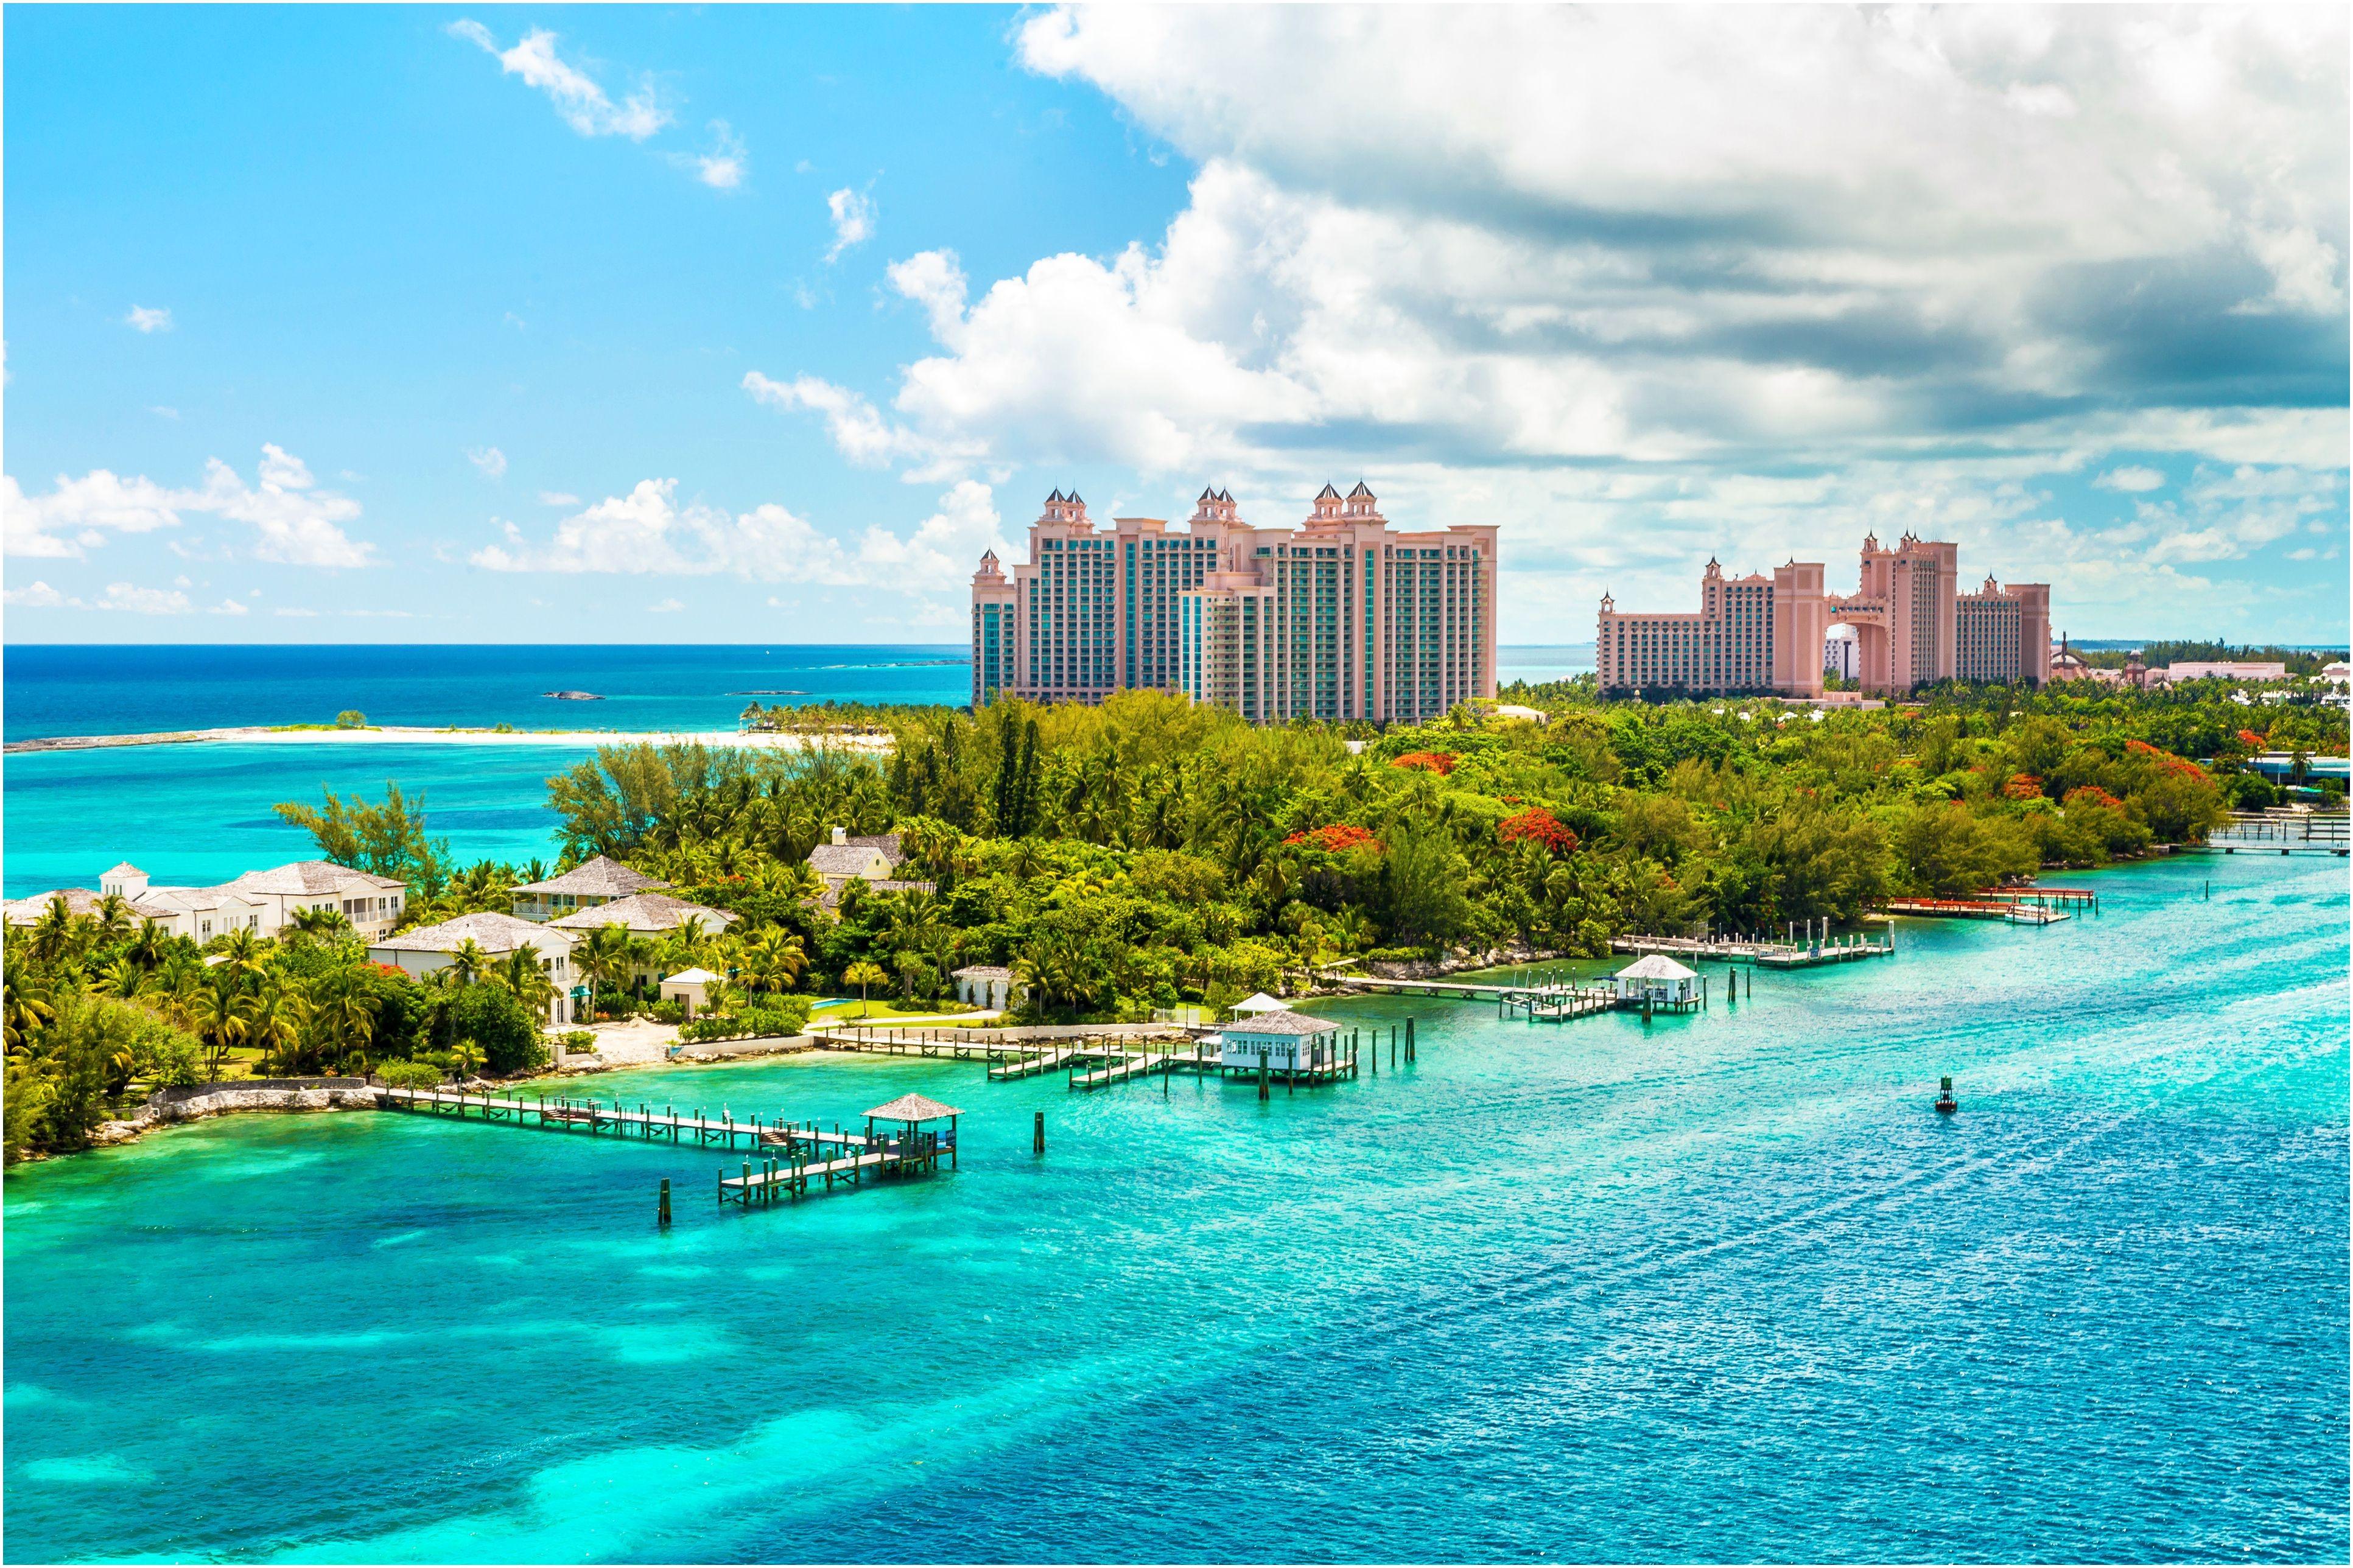 atlantis caribbean beach resort at nassau bahamas 5b6b0adec9e77c de600